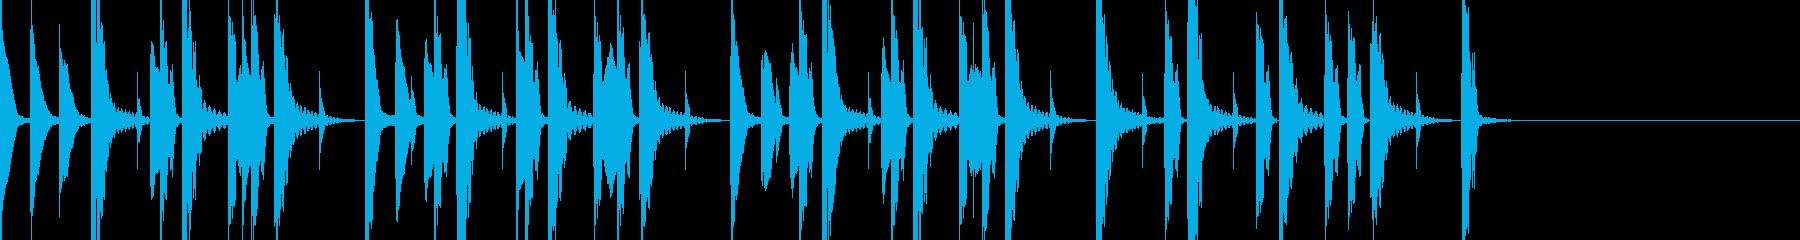 木のハンマーのような音を使ったジングルの再生済みの波形